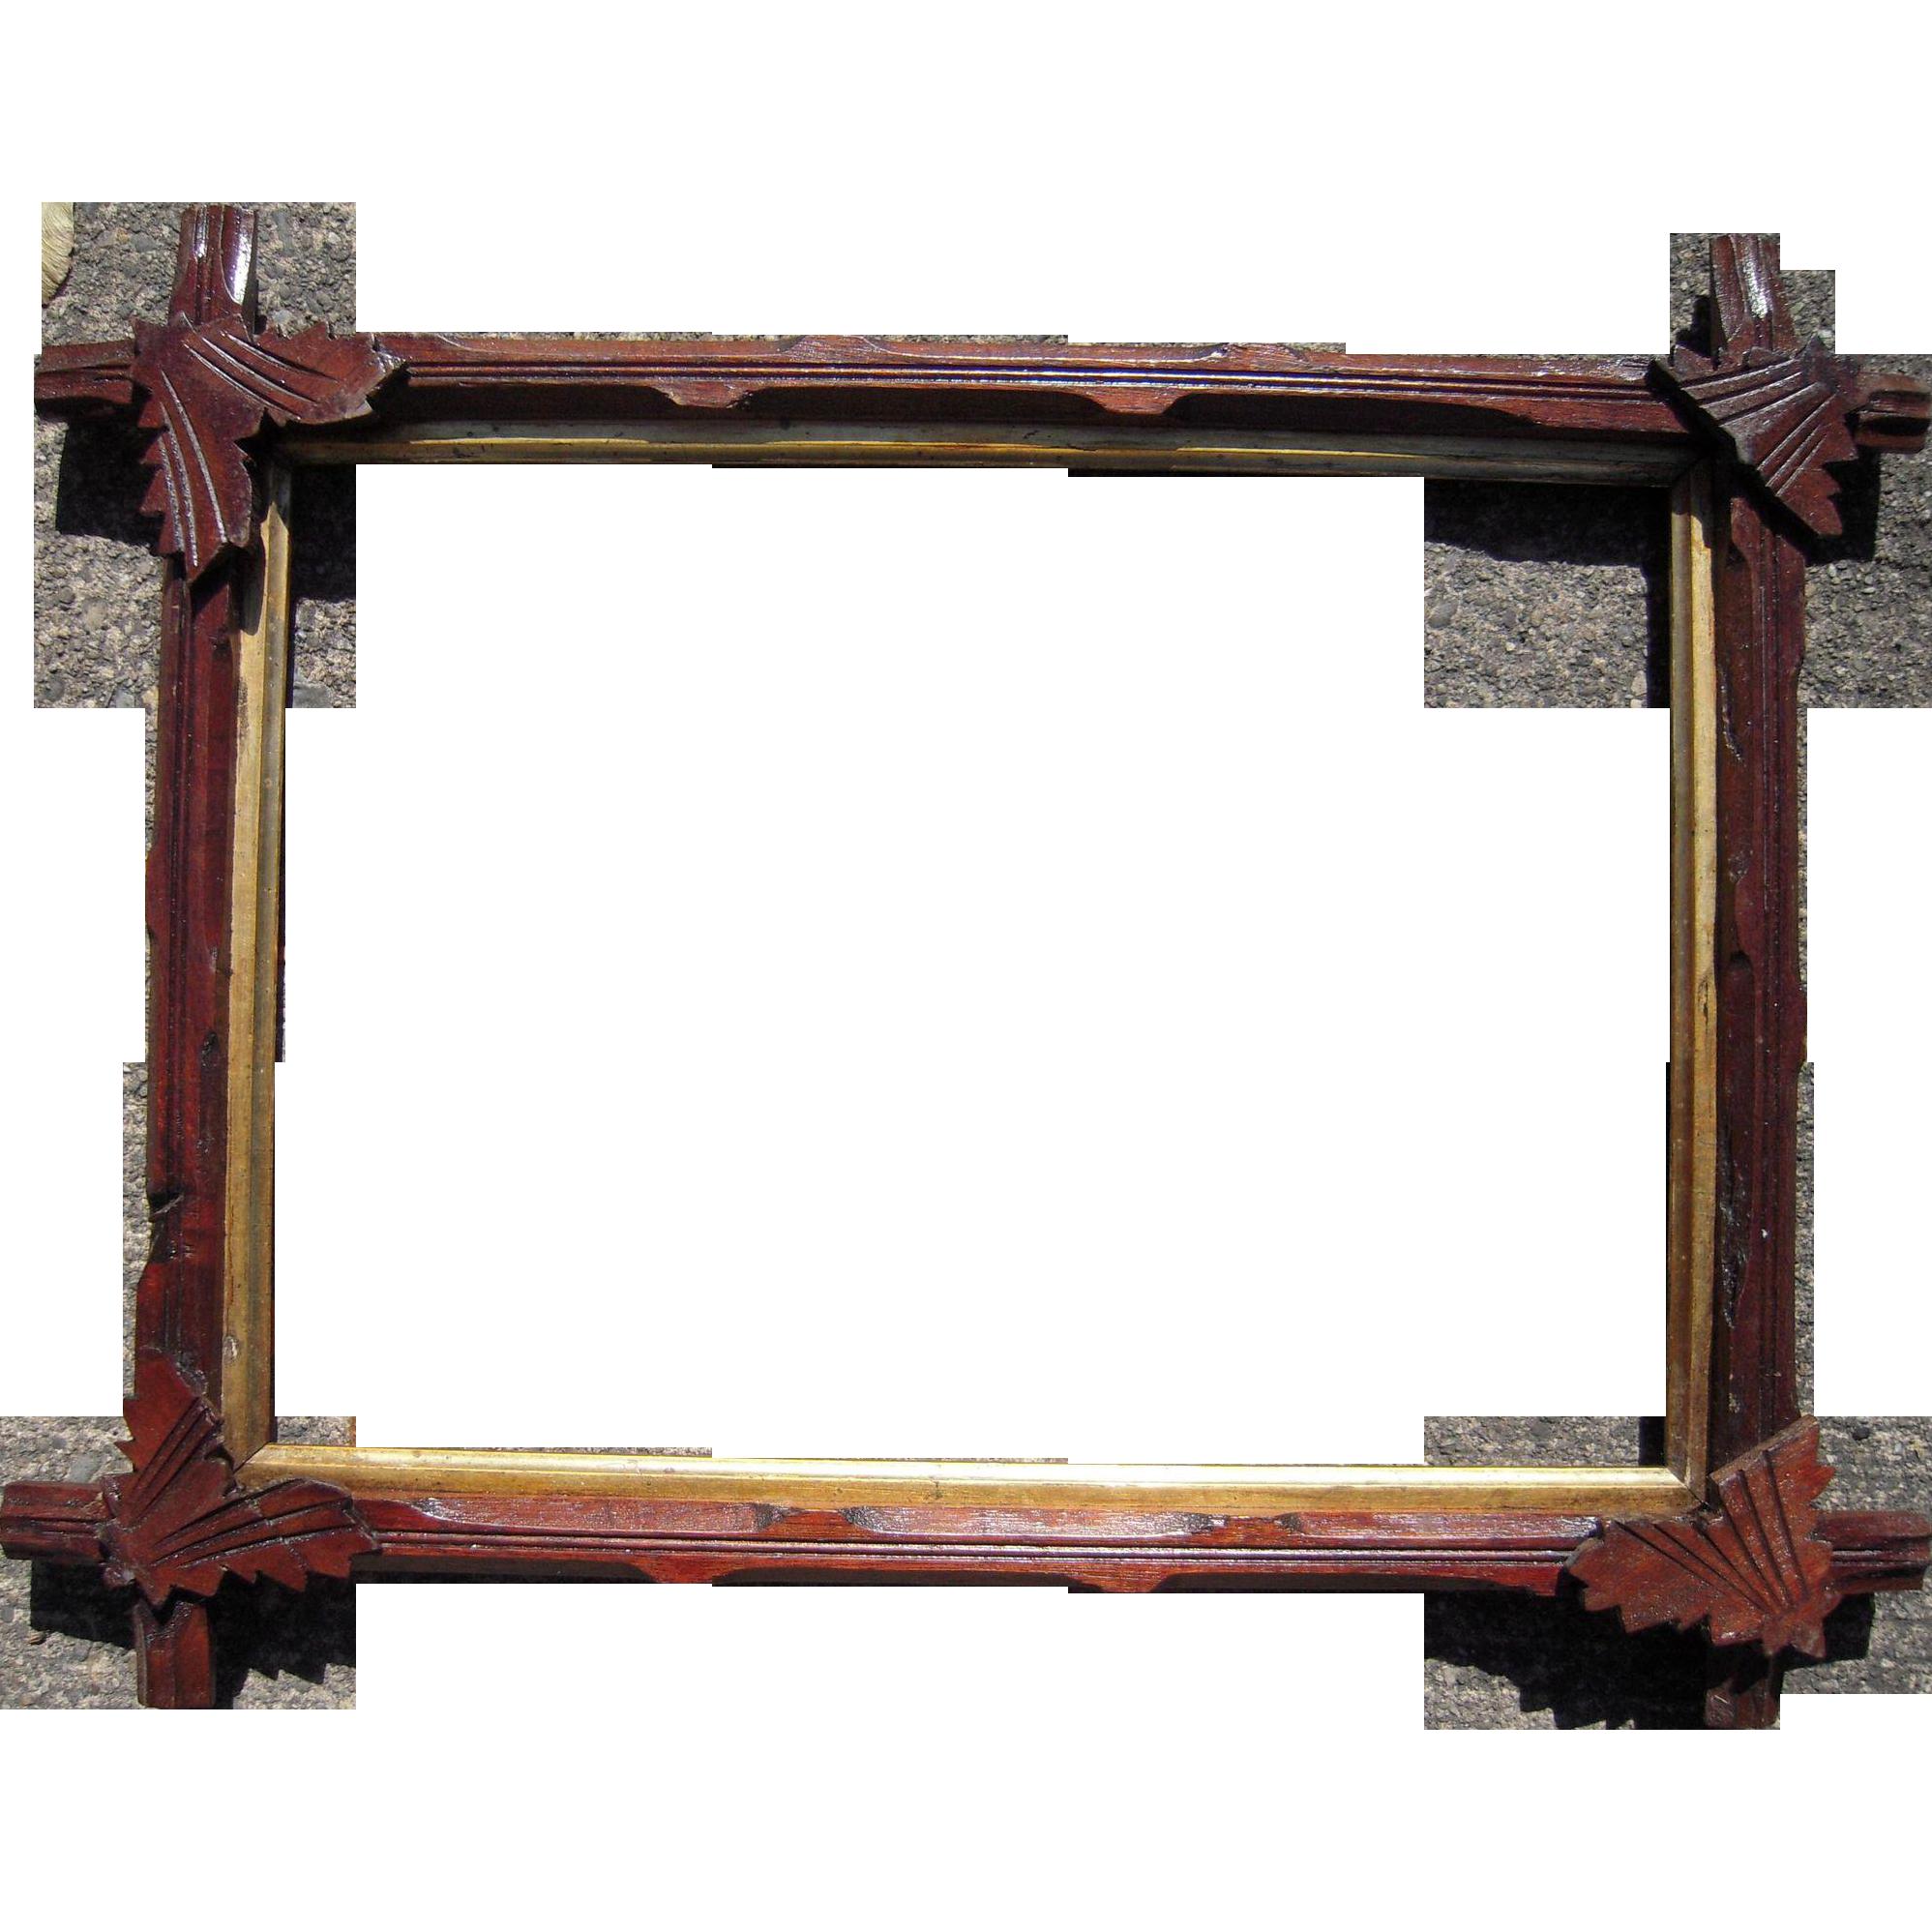 Frames  Art Supplies at BLICK art materials  Art Supply